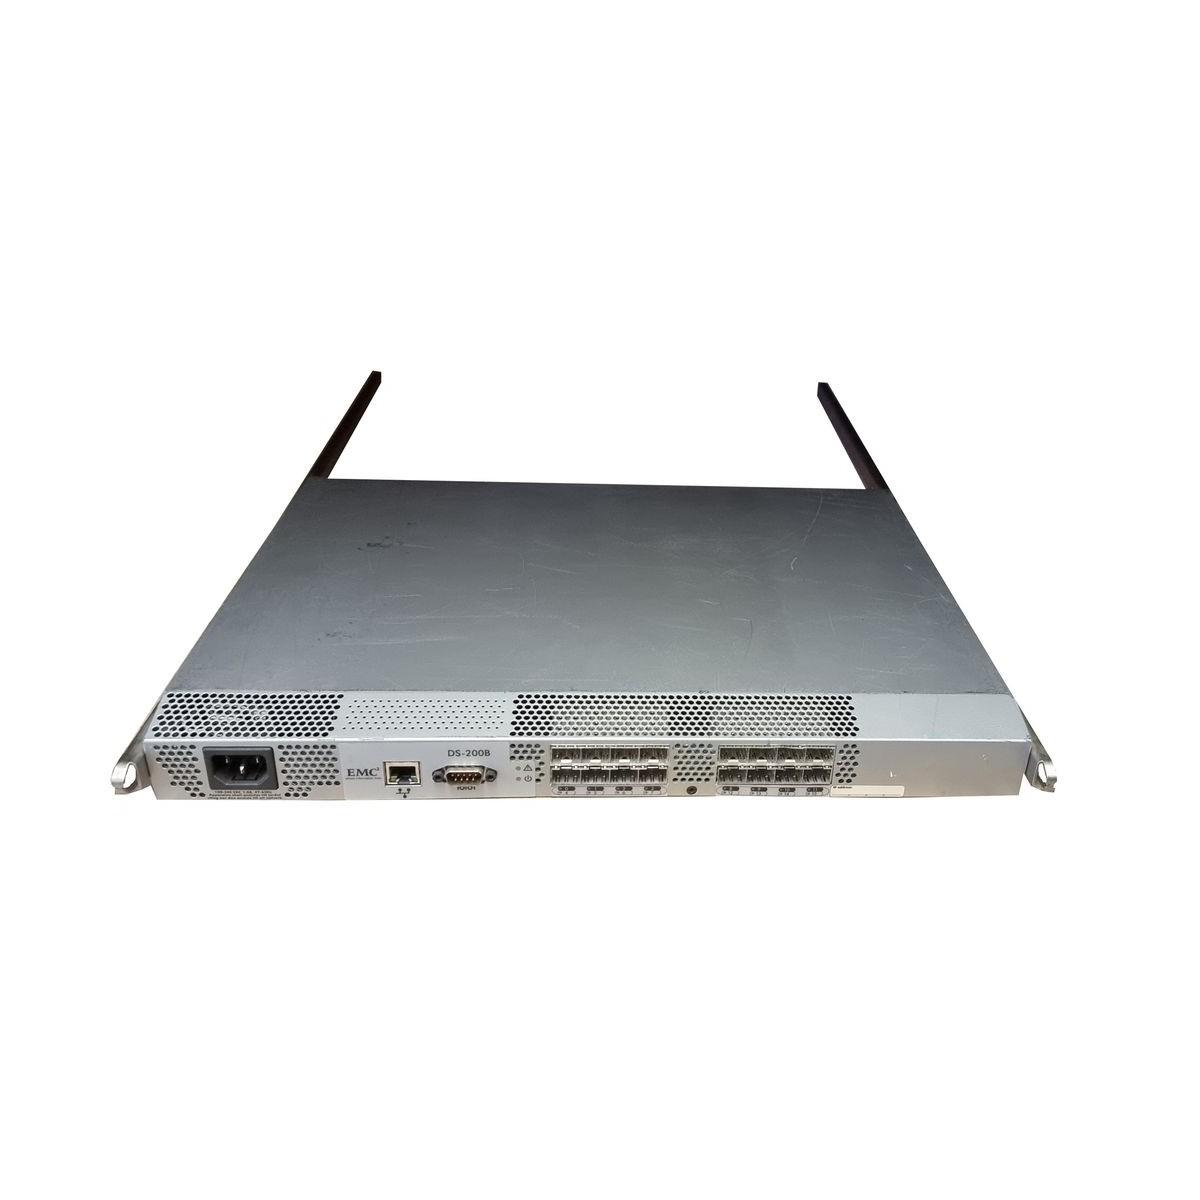 PAMIEC IBM P-SERIES 4GB DIMM DDR2 PC-3200 12R8467